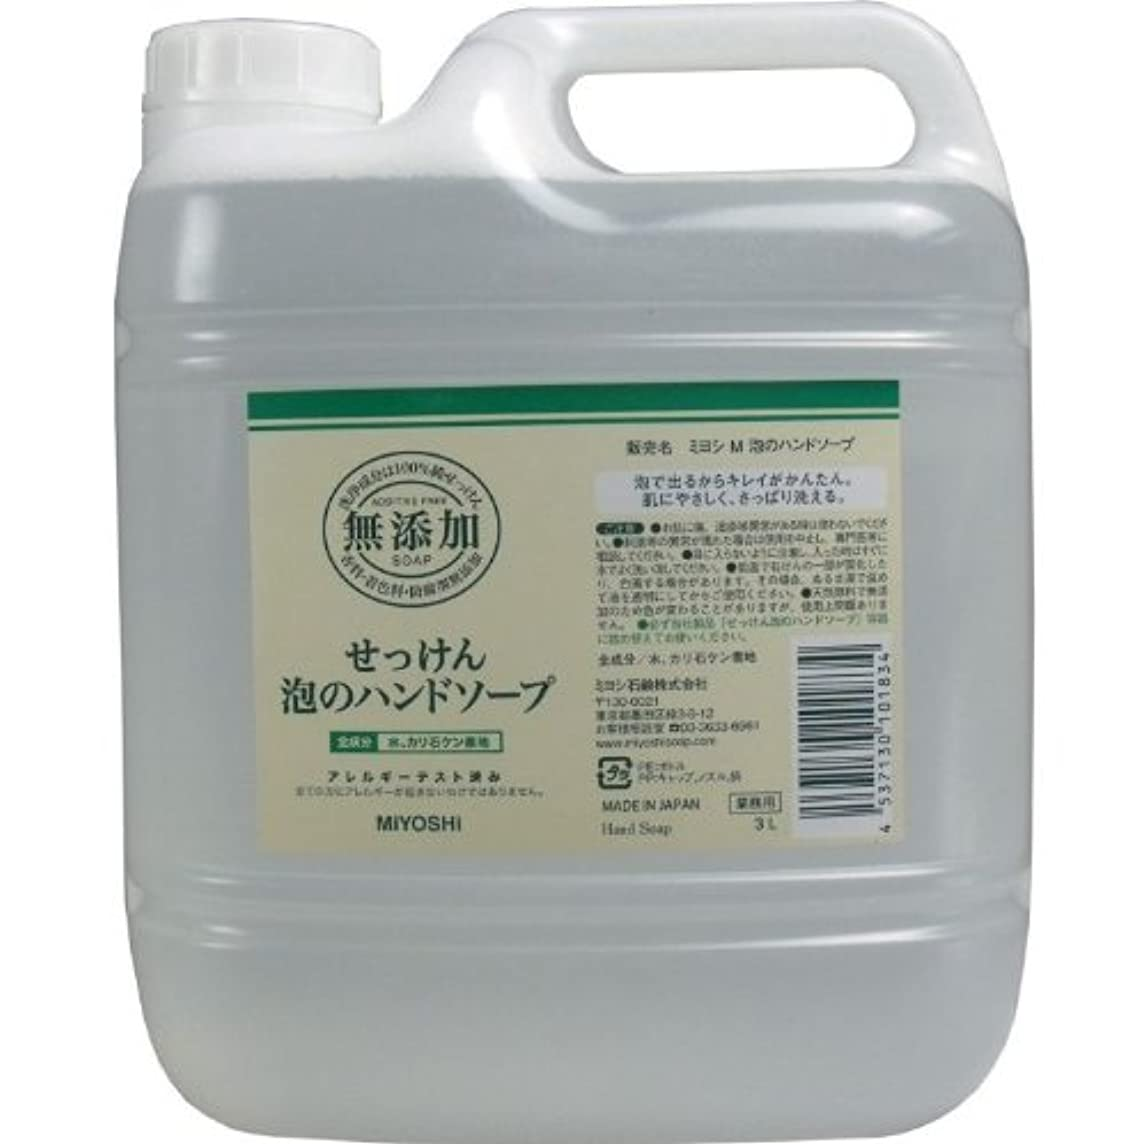 パトロン飼料鎮痛剤泡で出るからキレイが簡単!家事の間のサッと洗いも簡単!香料、着色料、防腐剤無添加!(業務用)3L【3個セット】